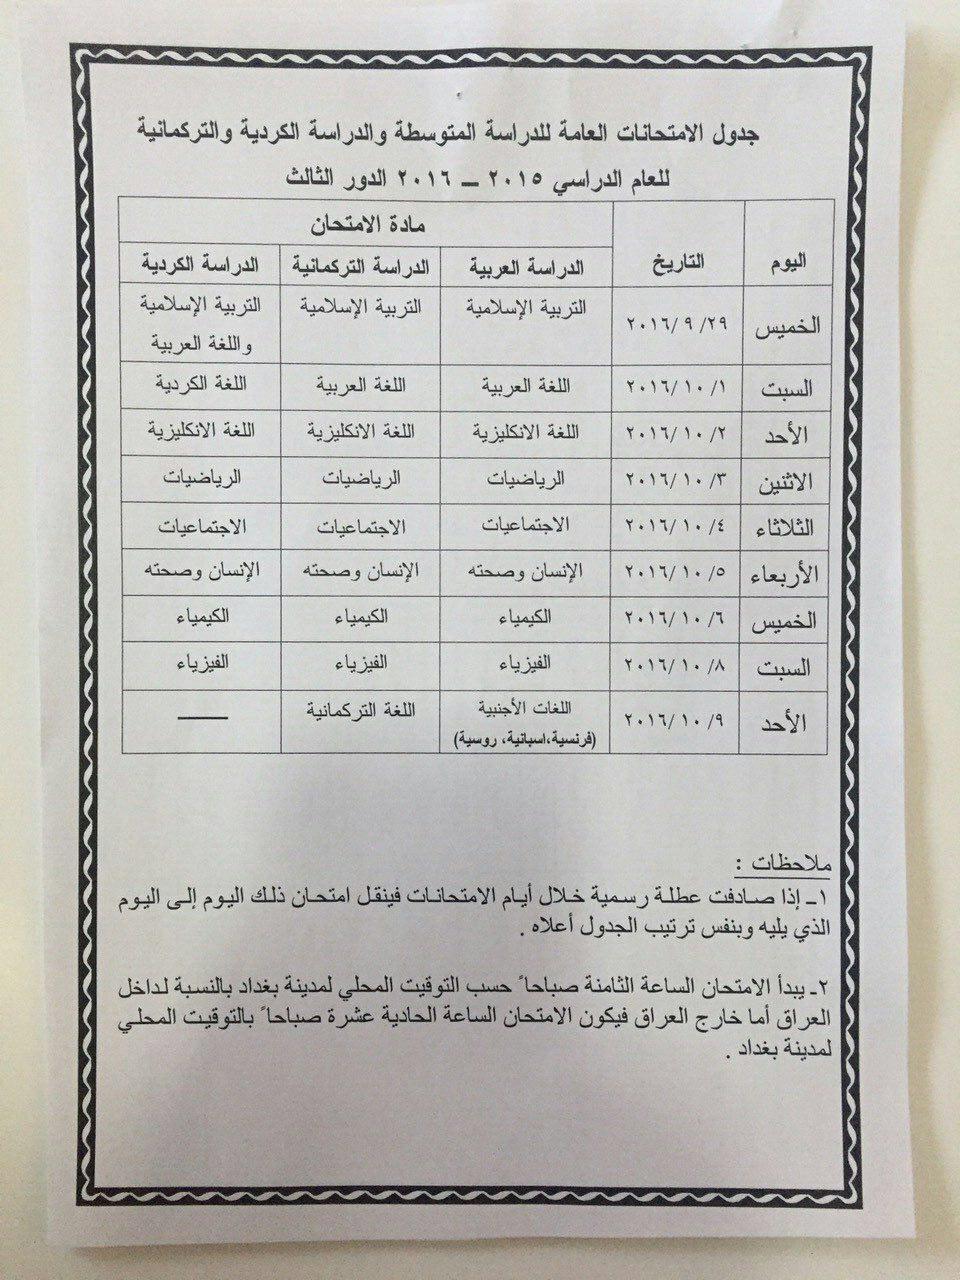 جدول الامتحانات العامة للدراسة المتوسطة والدراسىة الكردية والتركمانية للعام الدراسي 2015 - 2016 - الدور الثالث